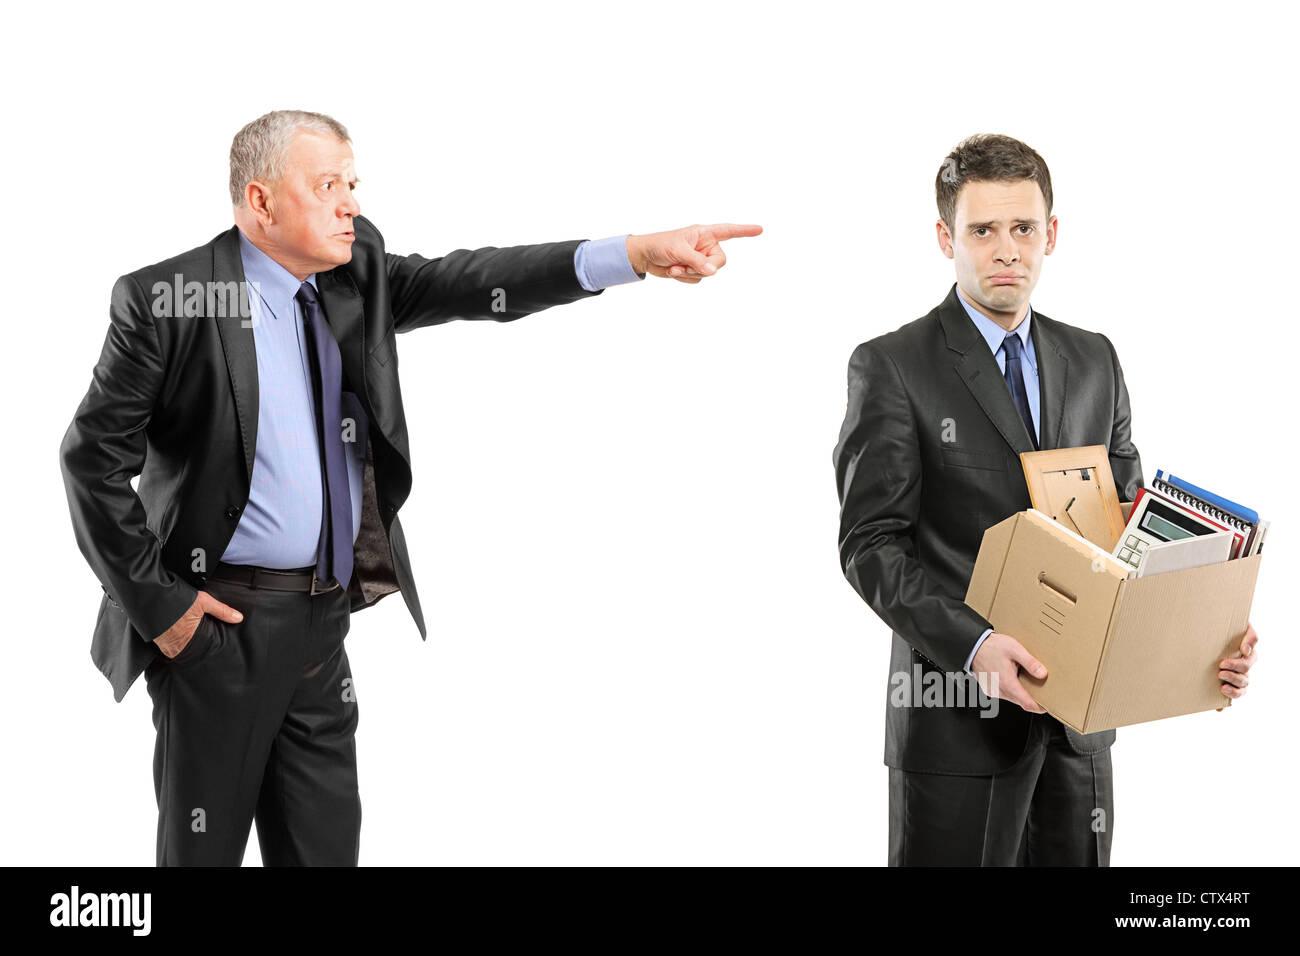 Un arrabbiato boss la cottura di un uomo che porta una scatola di oggetti personali isolati su sfondo bianco Immagini Stock